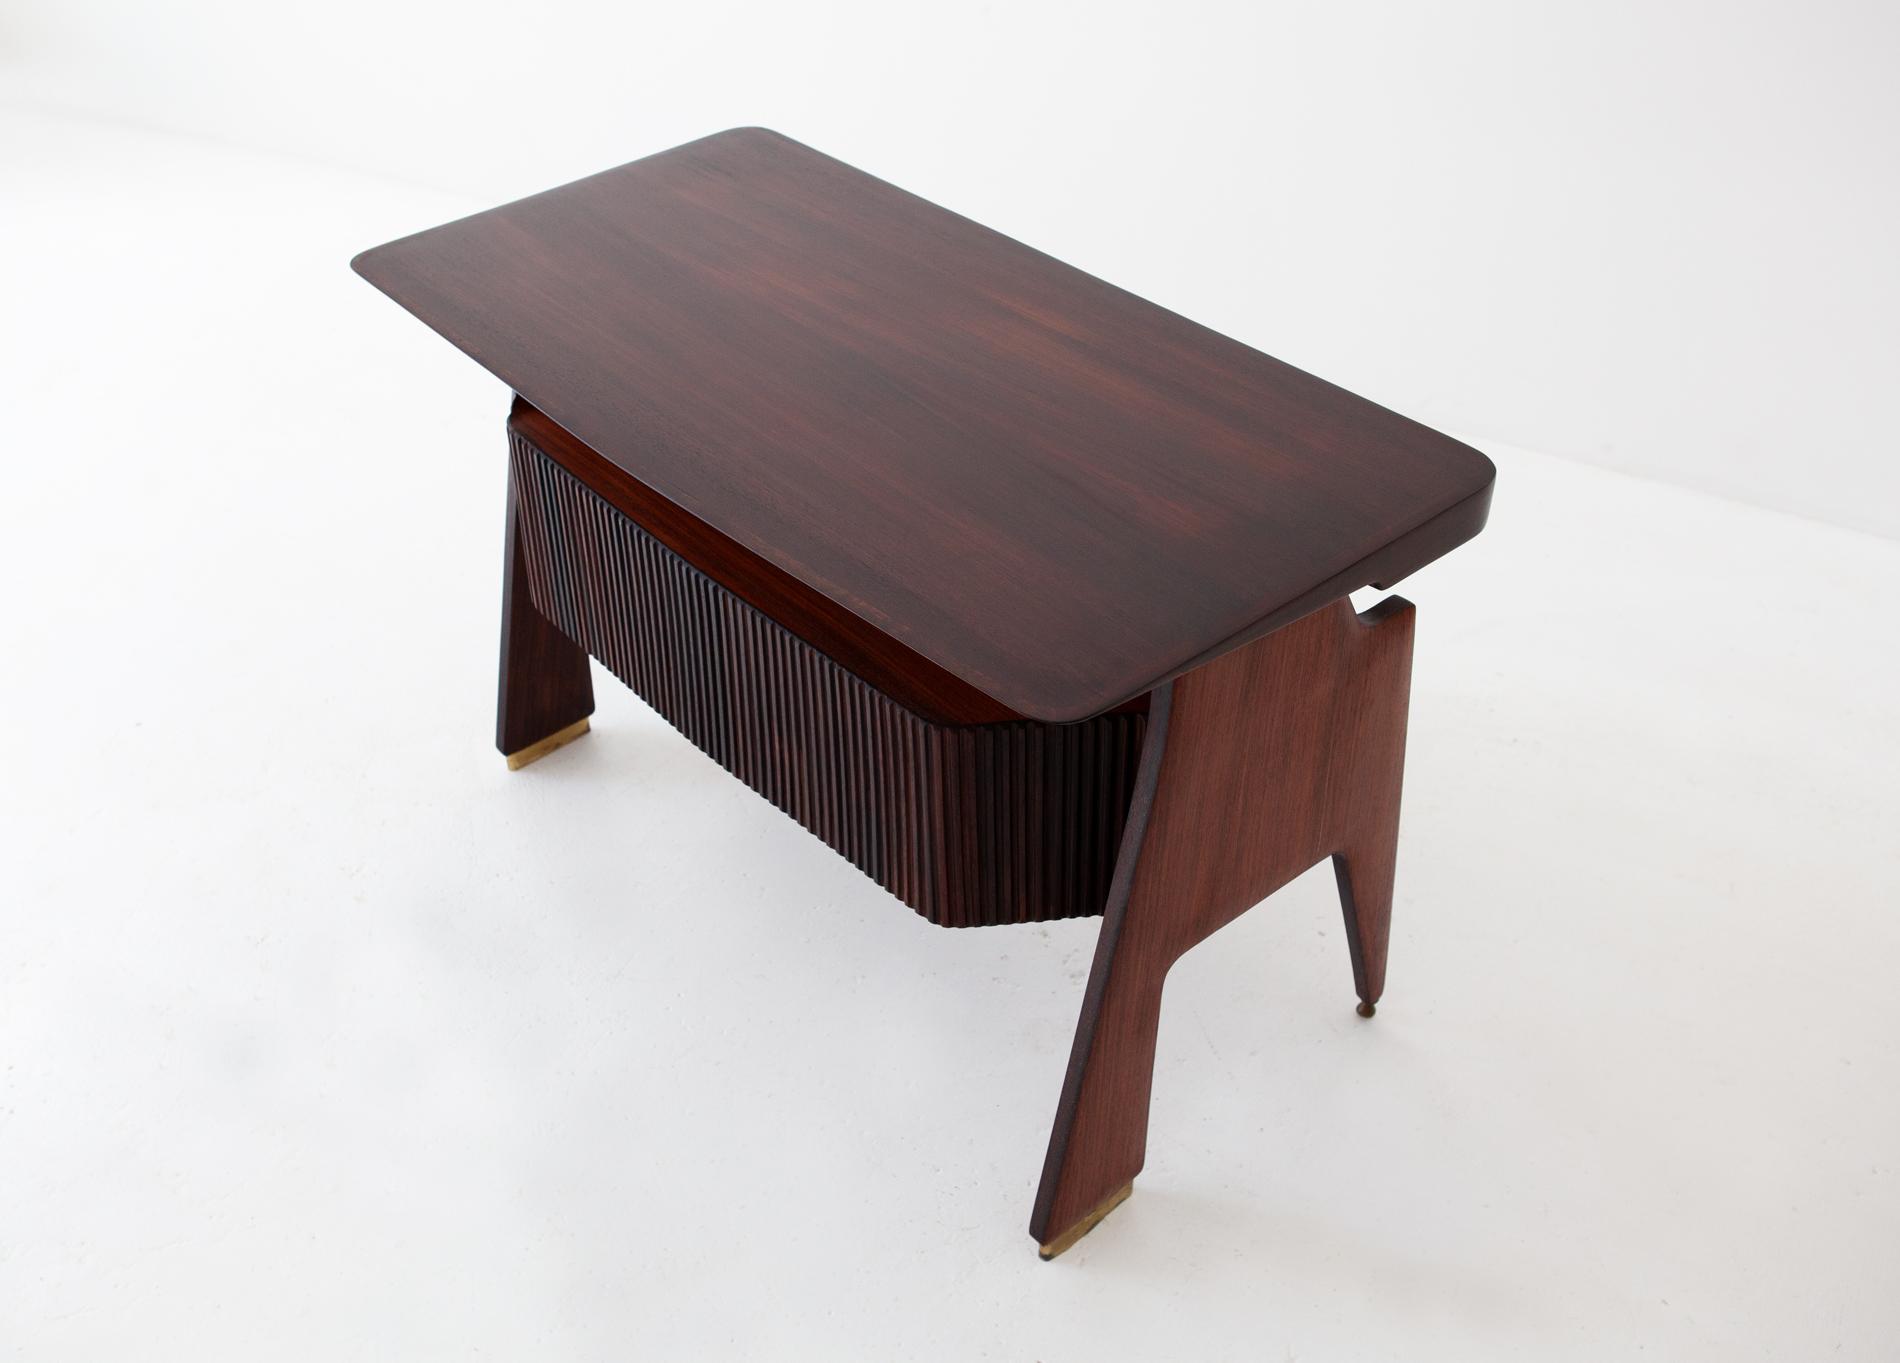 1950s-Italian-rosewood-desk-table-dassi-2-d28